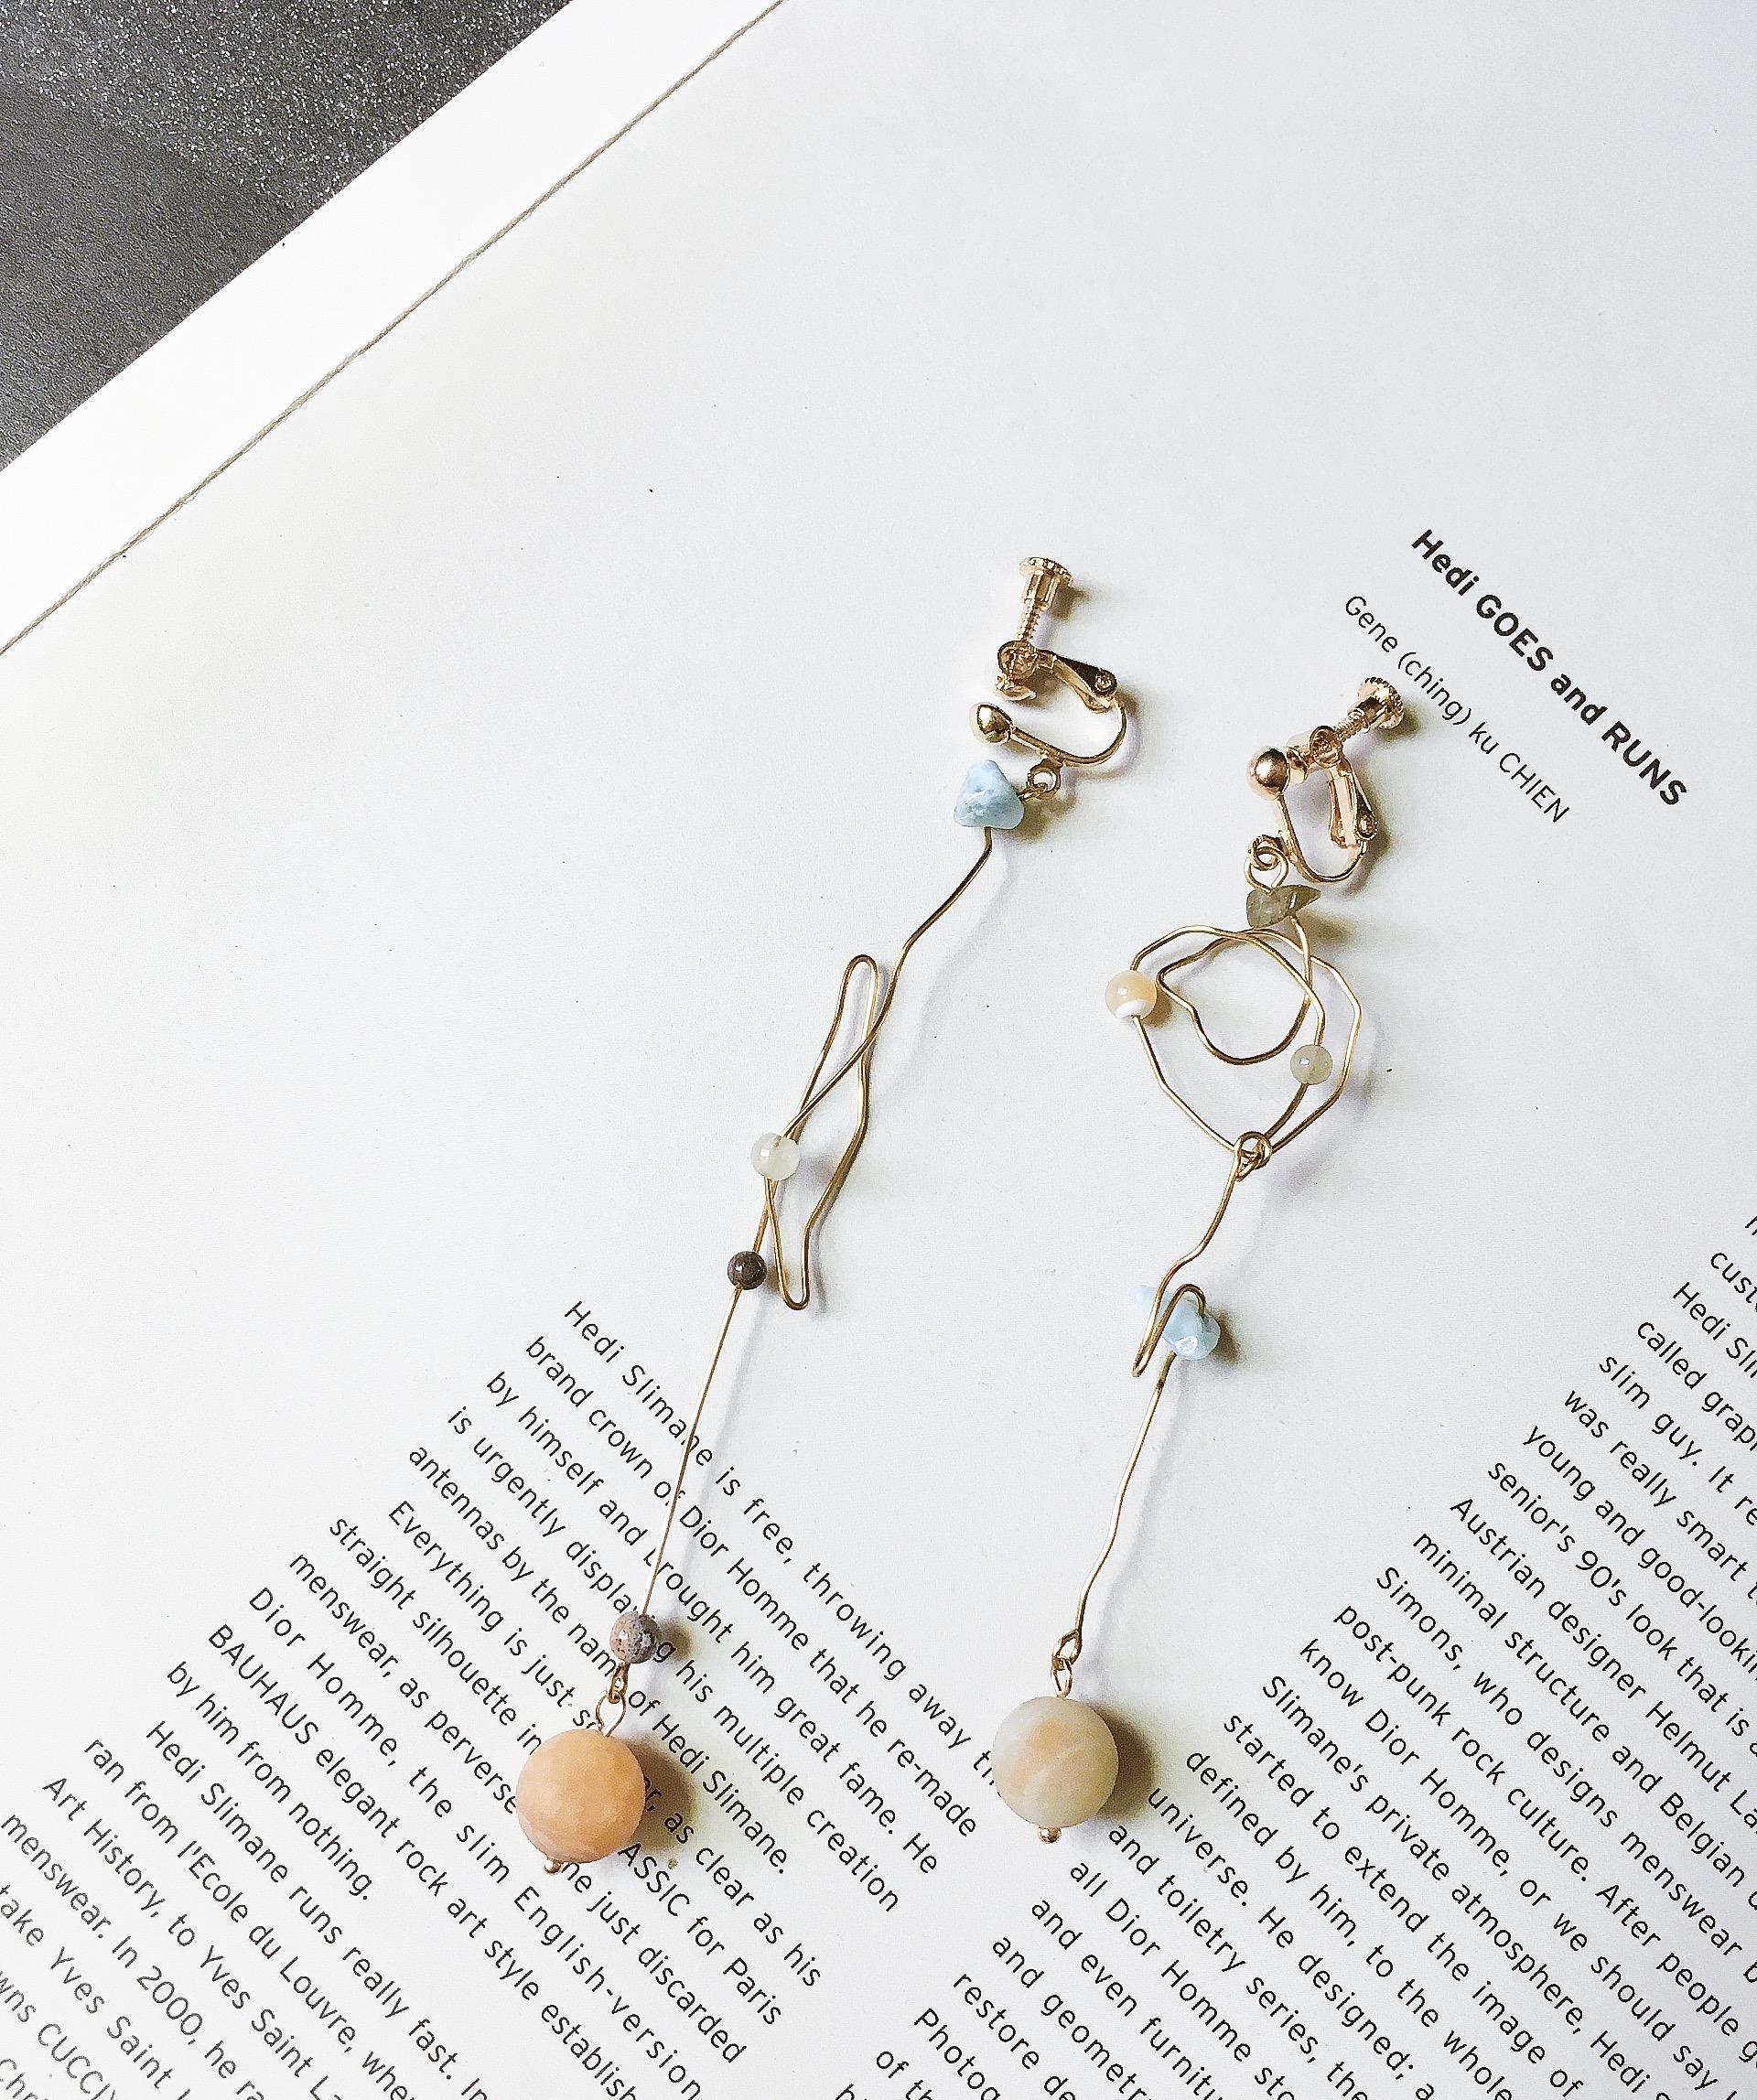 塗鴉 曲線礦石耳環